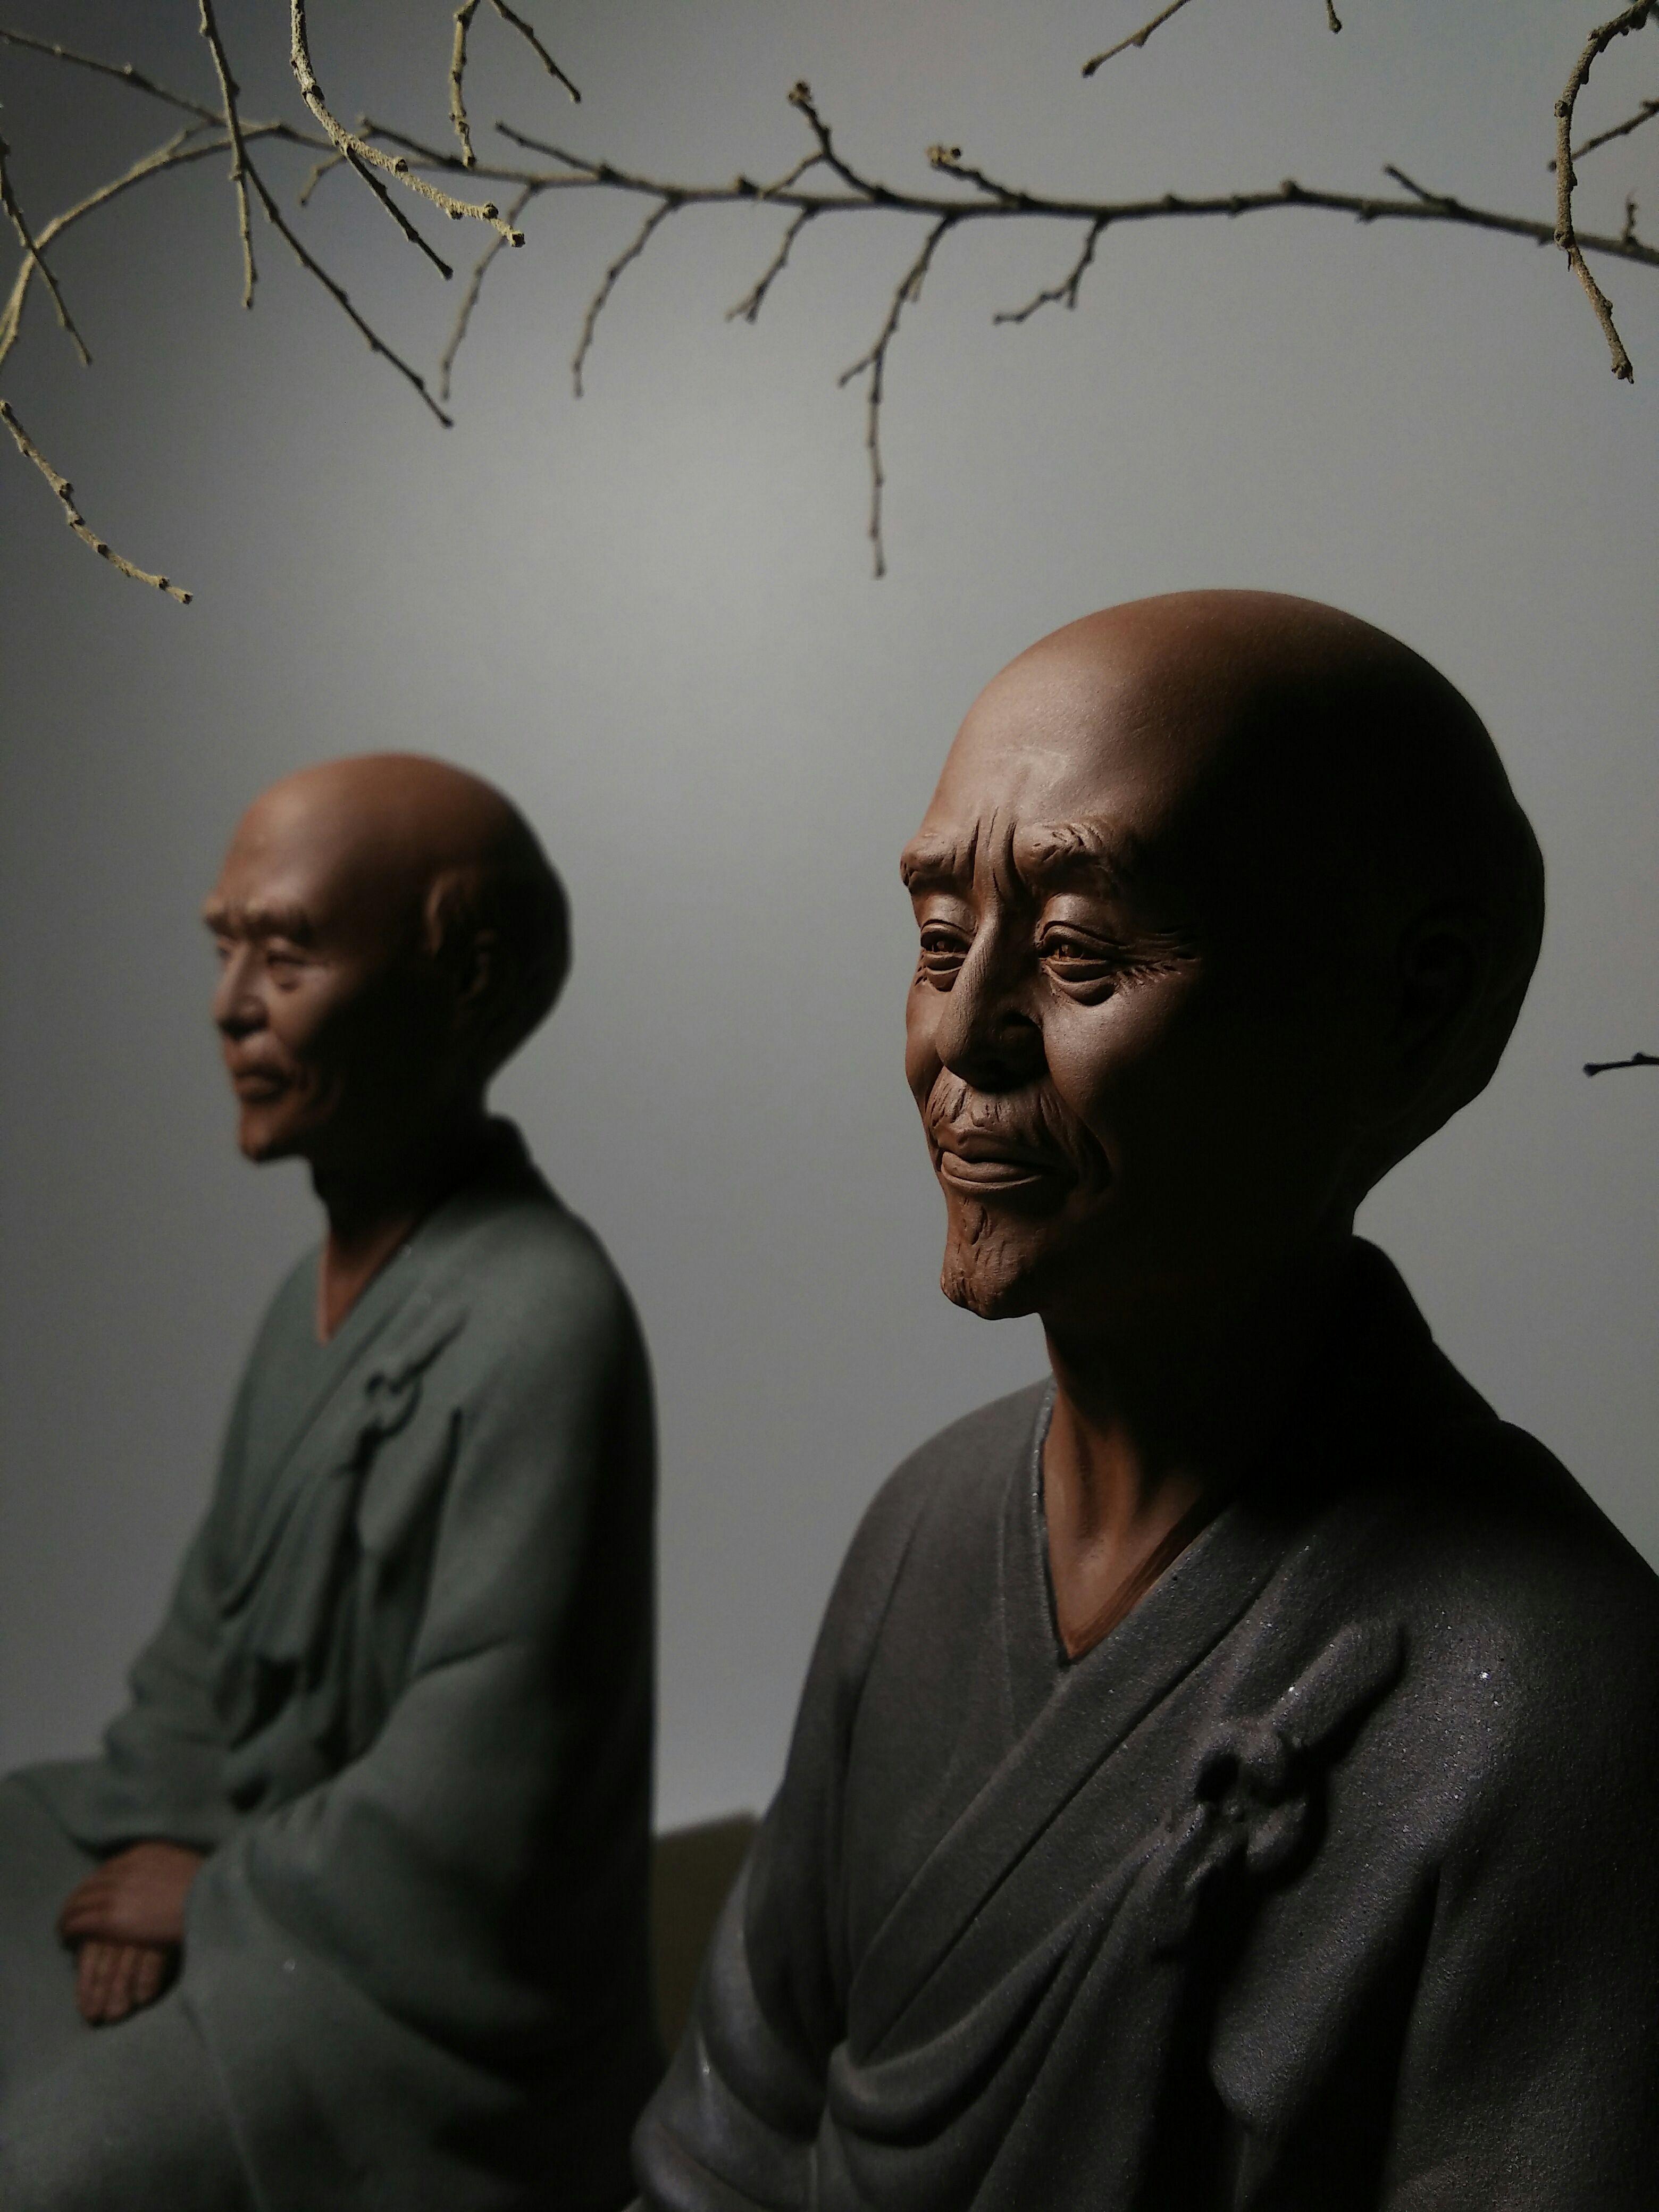 陶瓷艺术品弘一法师人物雕塑禅意风格